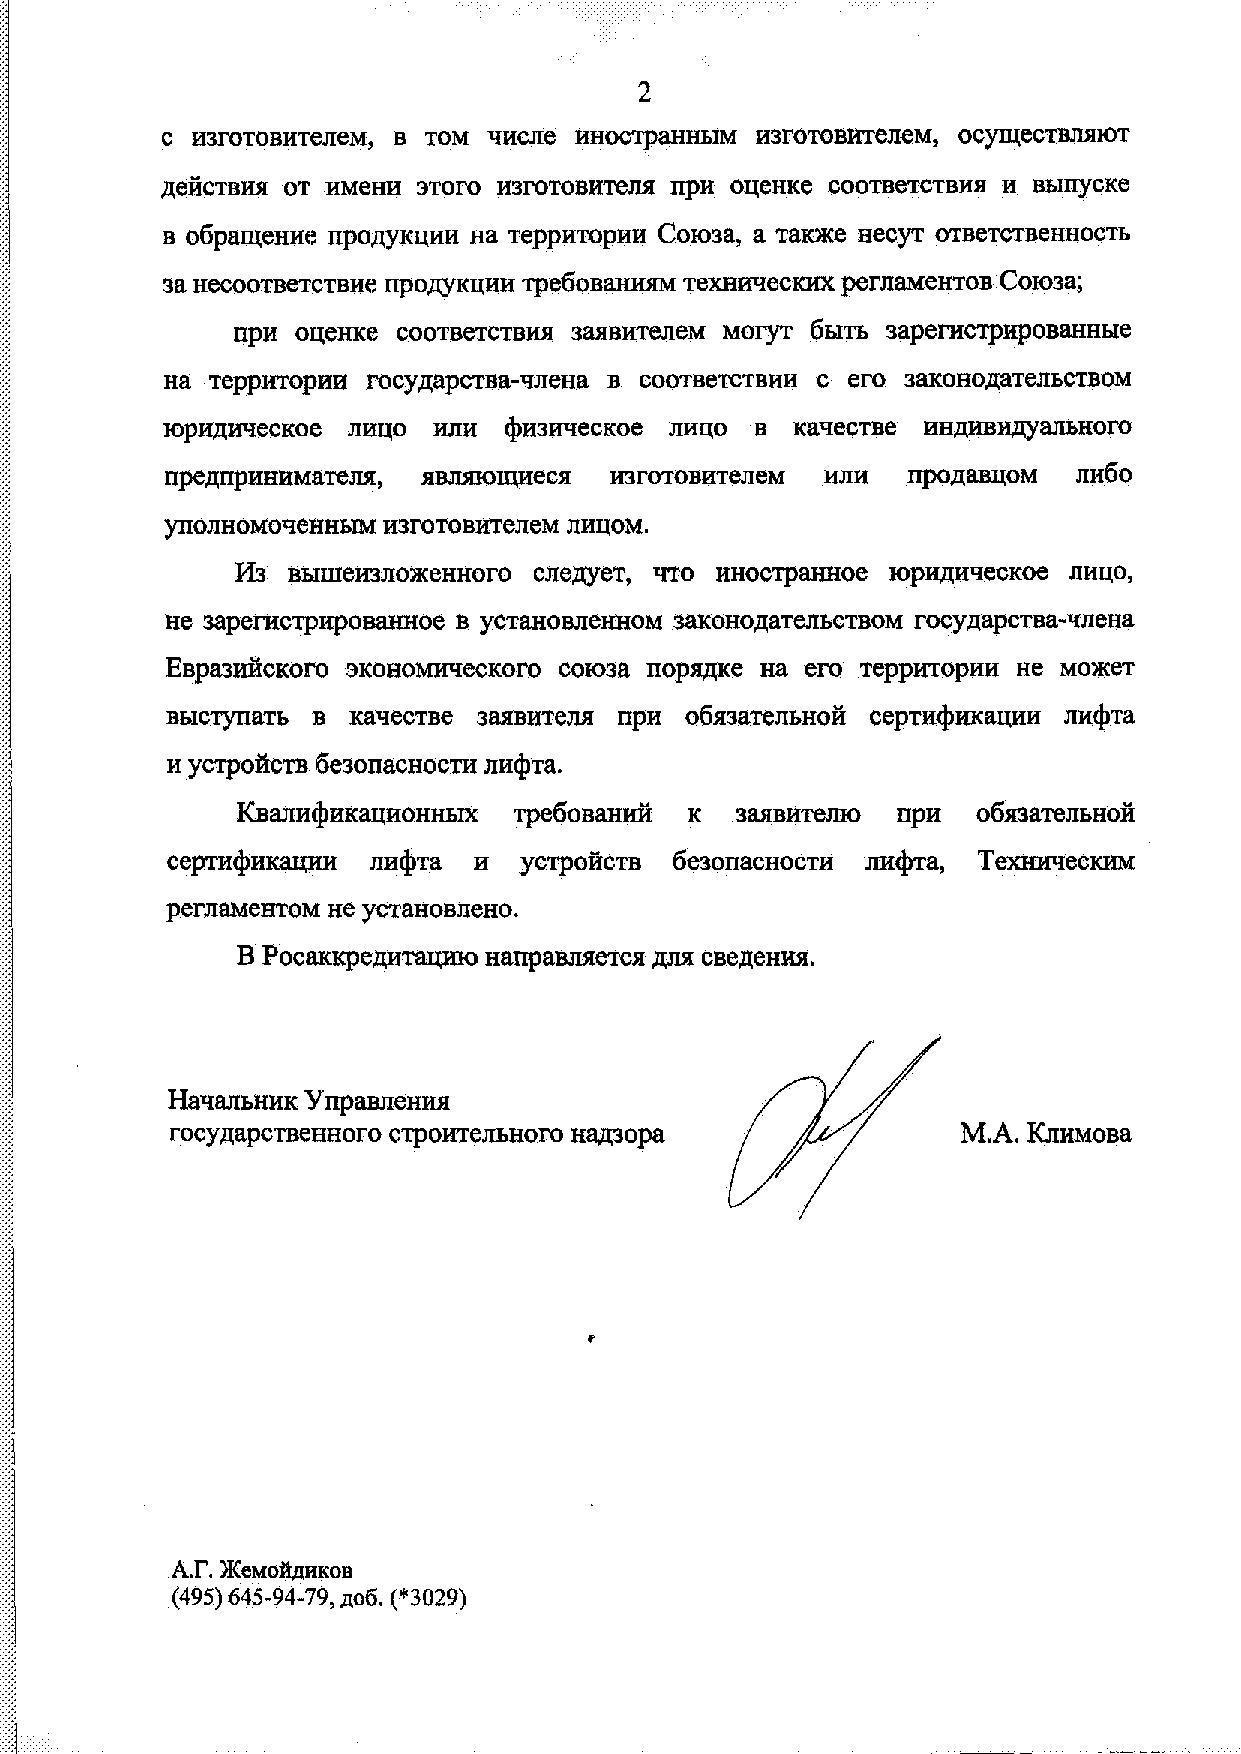 Разъяснение Ростехнадзора о статусе Заявителя при обязательной сертификации лифта и устройств безопасности лифта